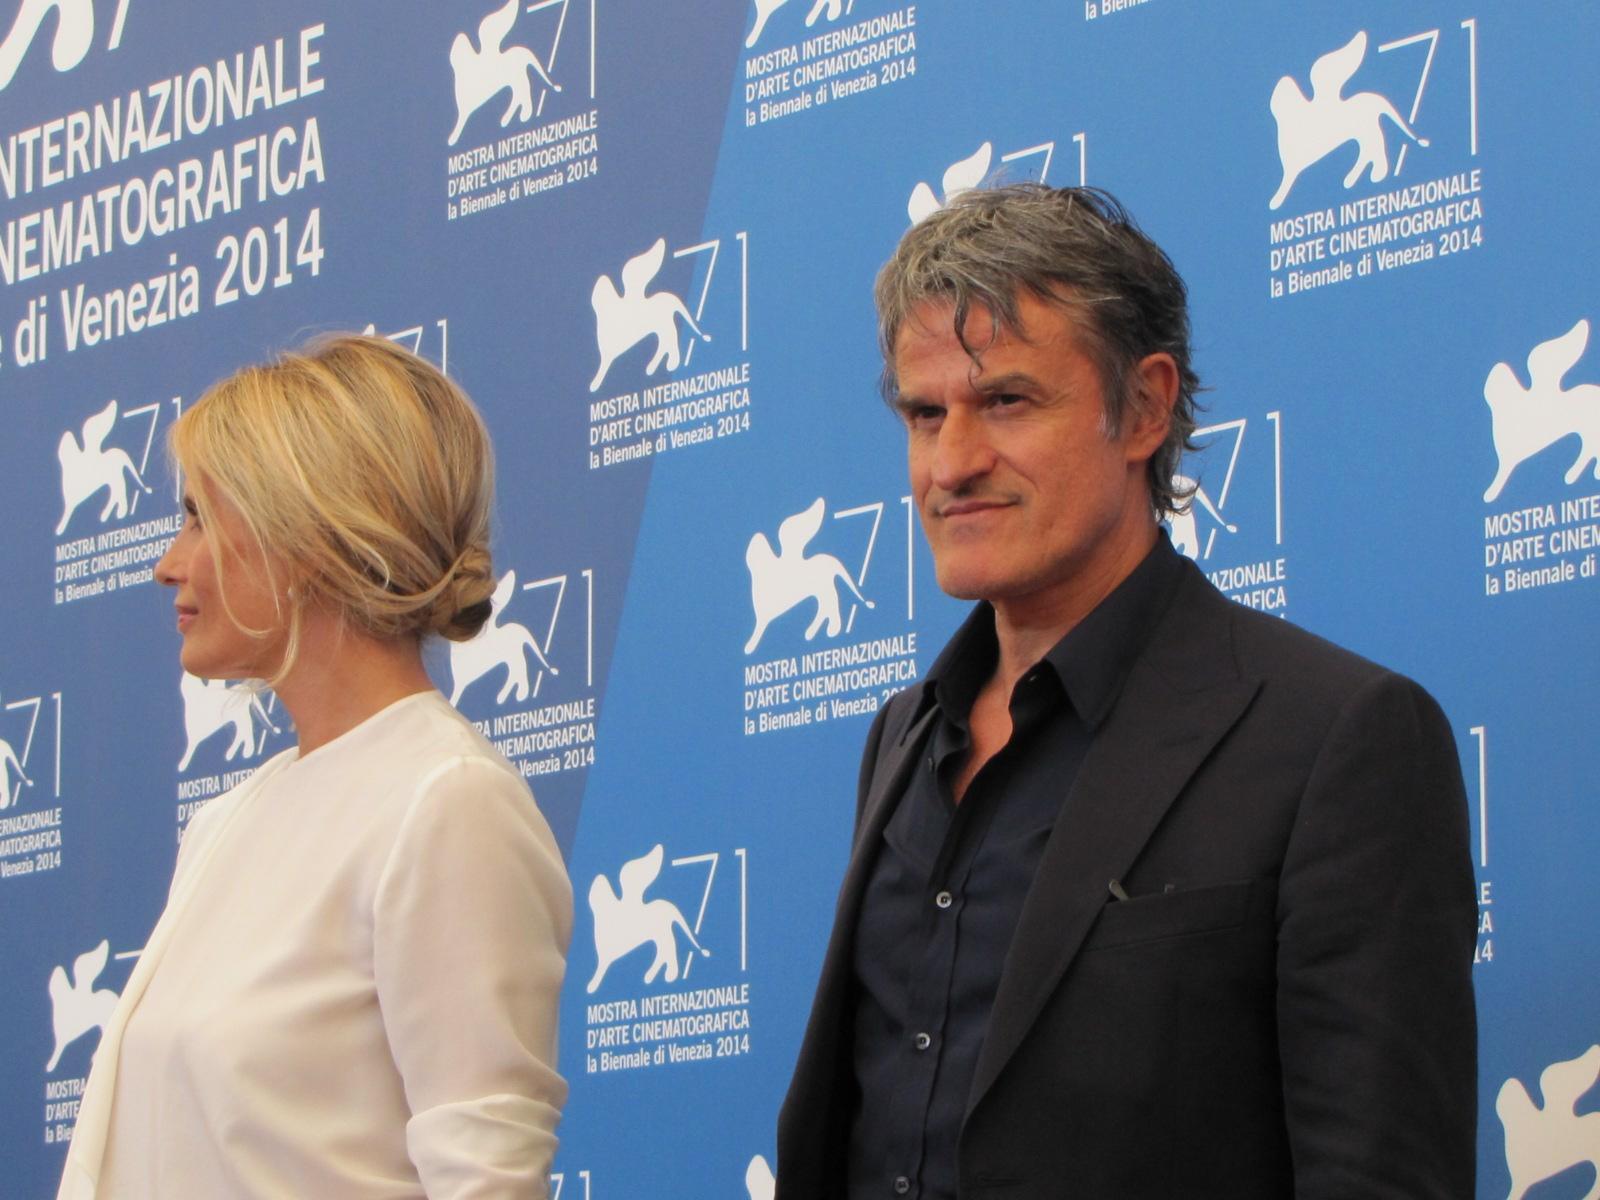 Renato De Maria con Isabella Ferrari a Venezia 2014 per La vita oscena